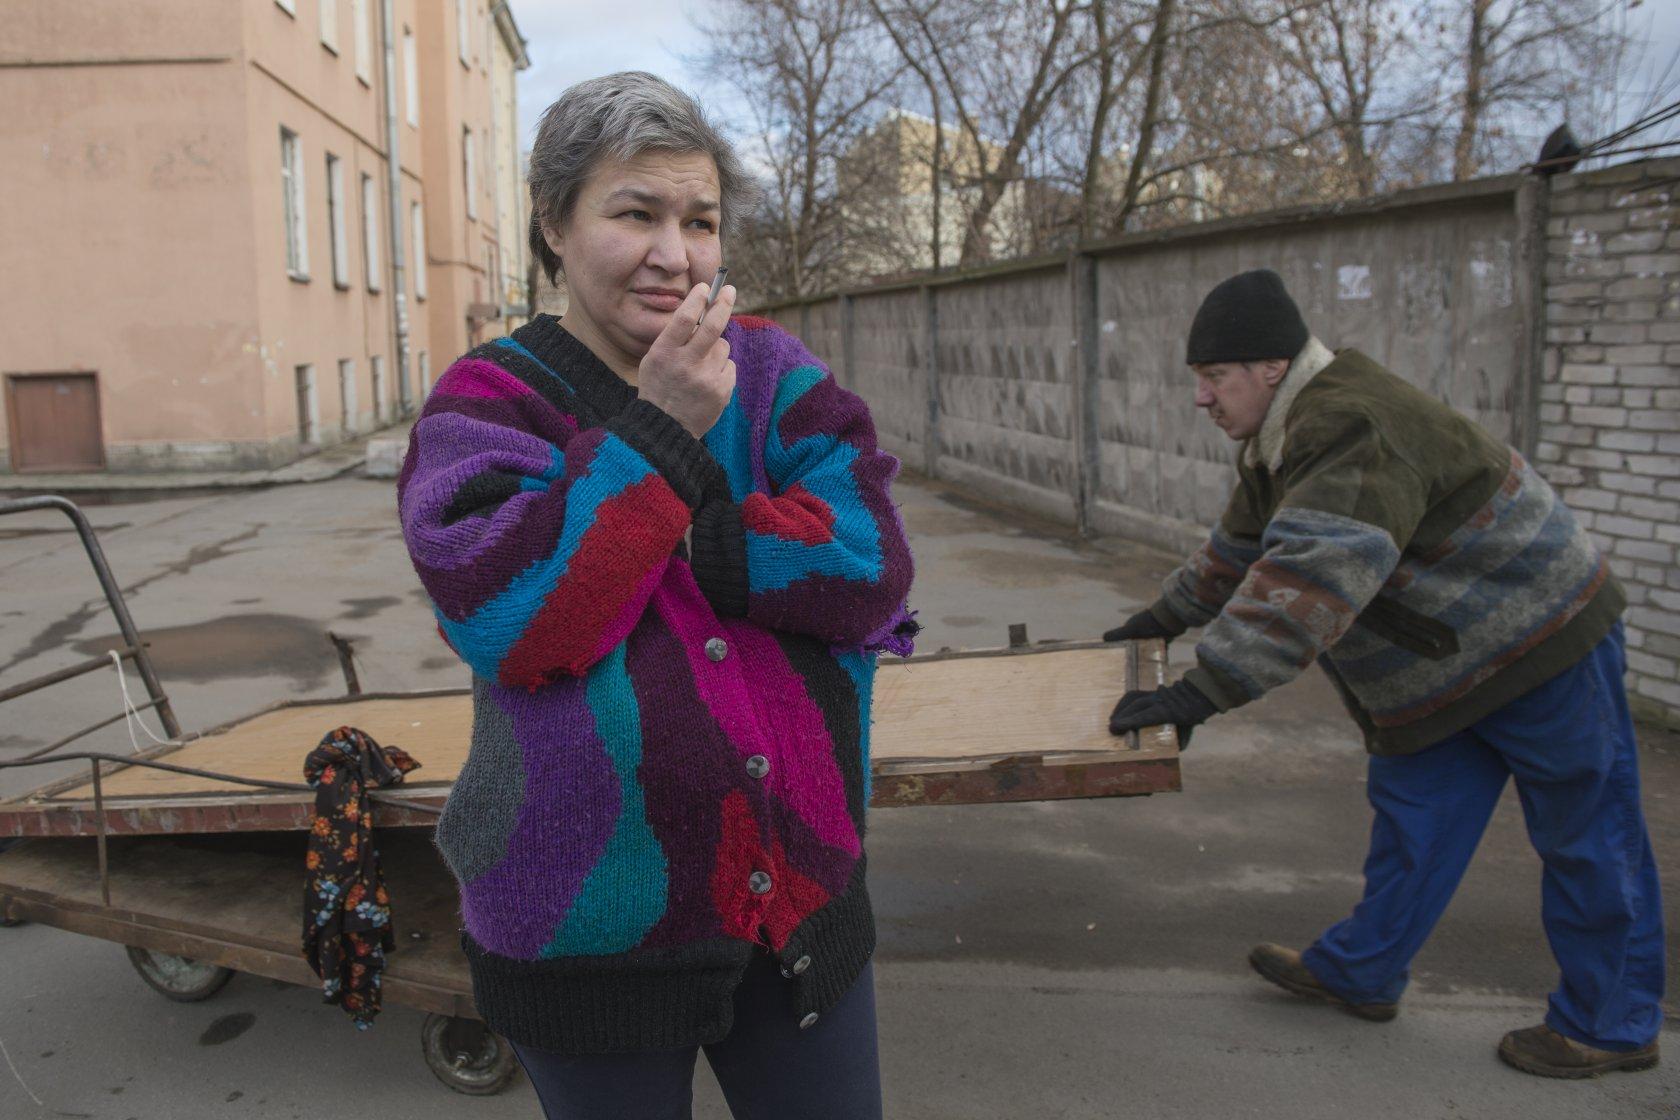 Снять девочку Лиговский пер. опытные проститутки Ивановская ул.